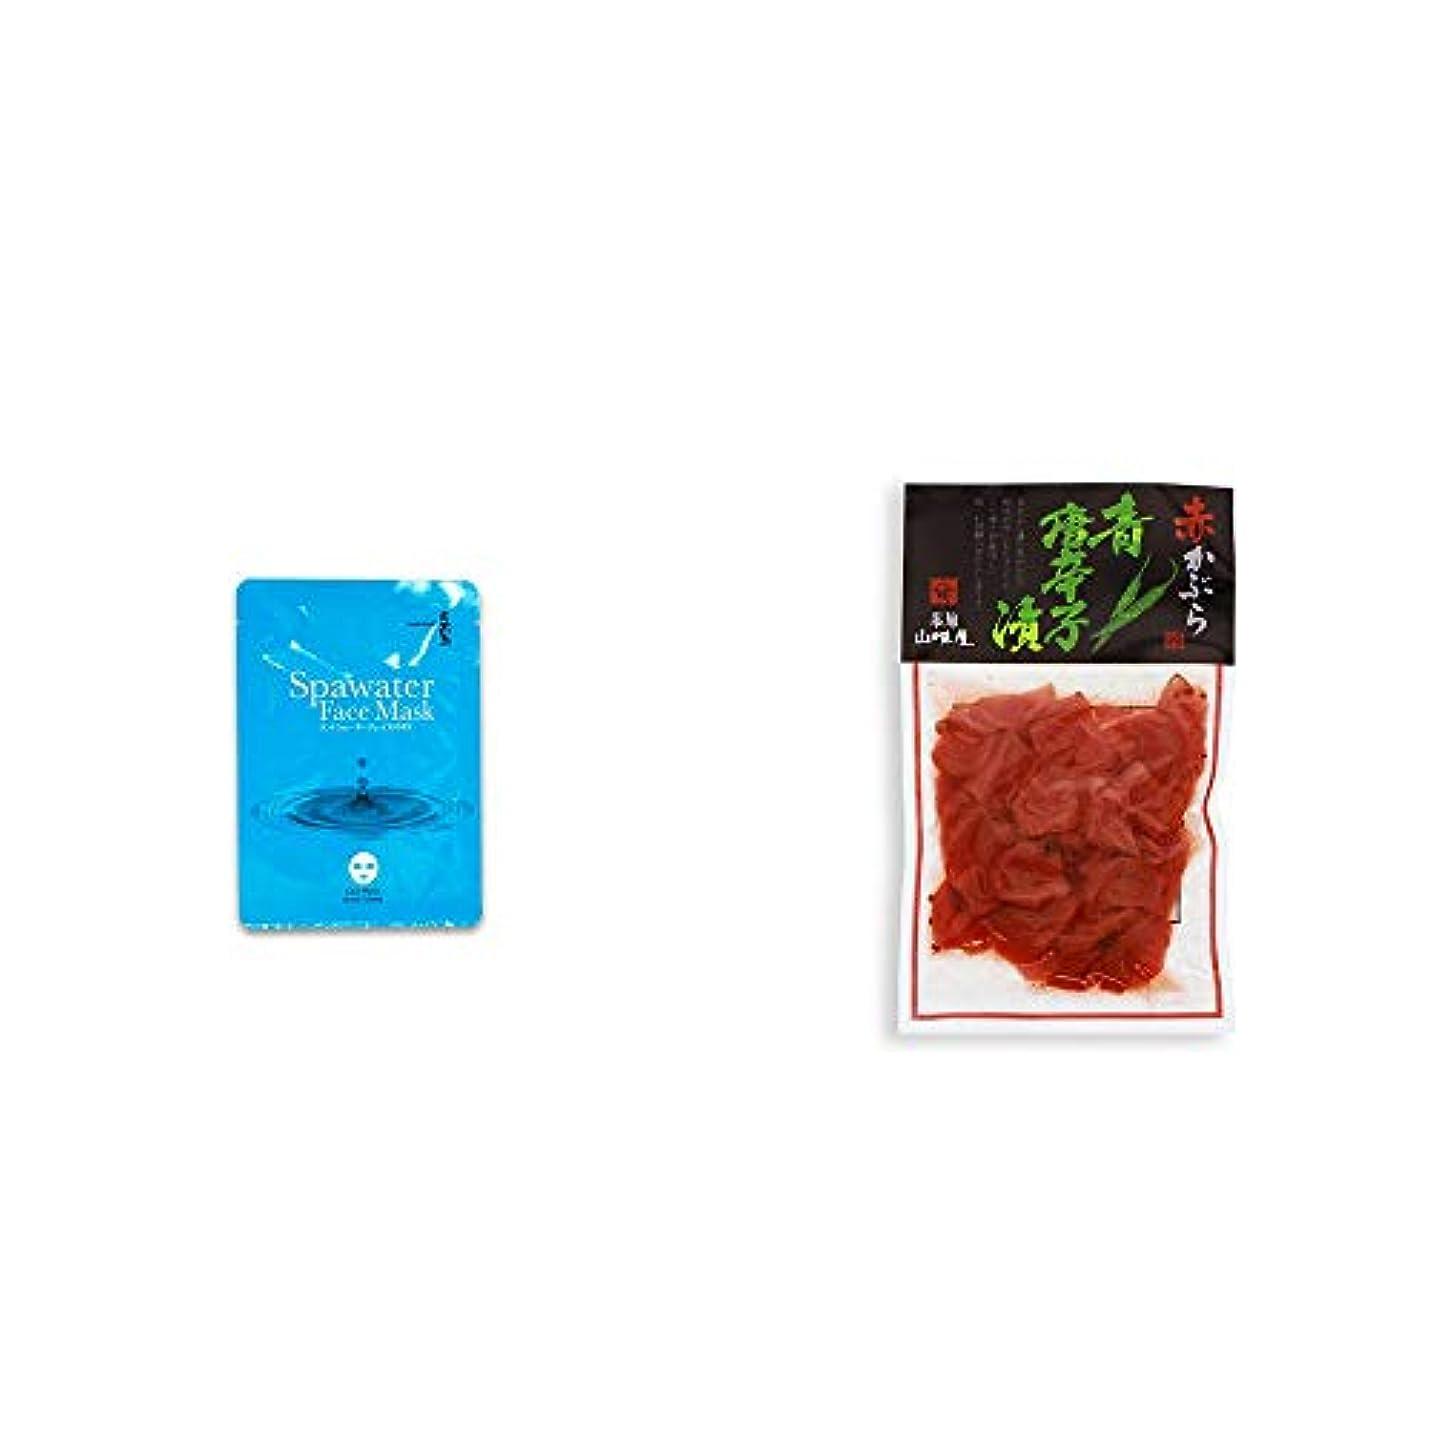 スペル絶壁不条理[2点セット] ひのき炭黒泉 スパウォーターフェイスマスク(18ml×3枚入)?飛騨山味屋 赤かぶら 青唐辛子漬(140g)